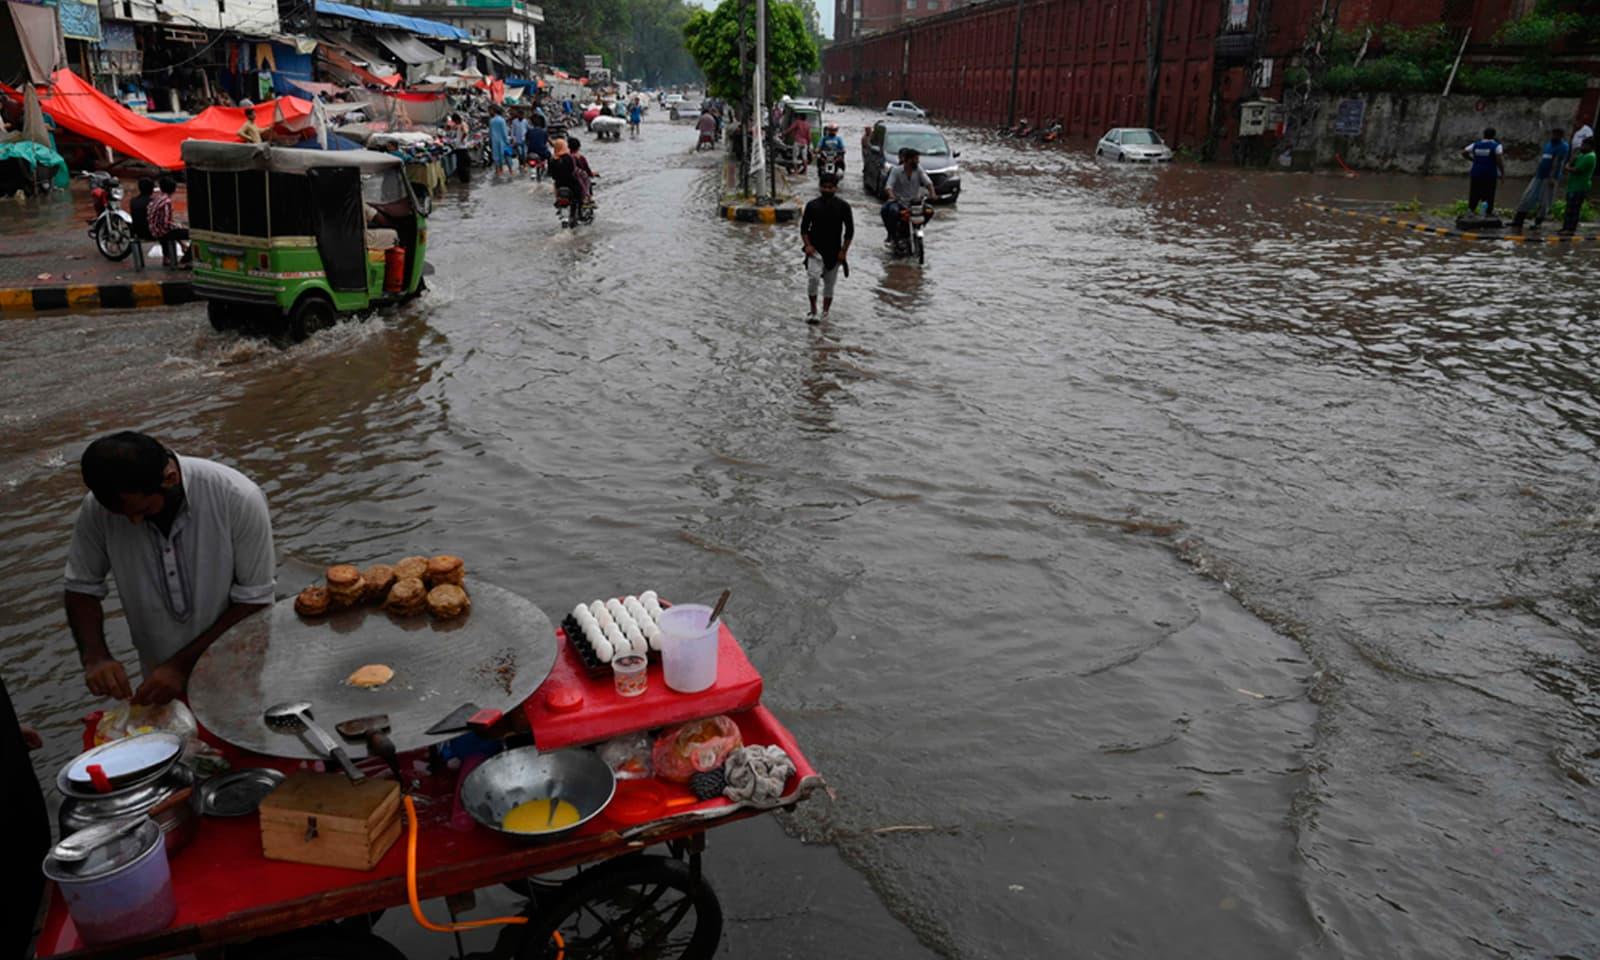 شدید بارشوں کے باعث لاہور کے مختلف علاقے  بھی زیرآب آگئے— فوٹو: اے ایف پی